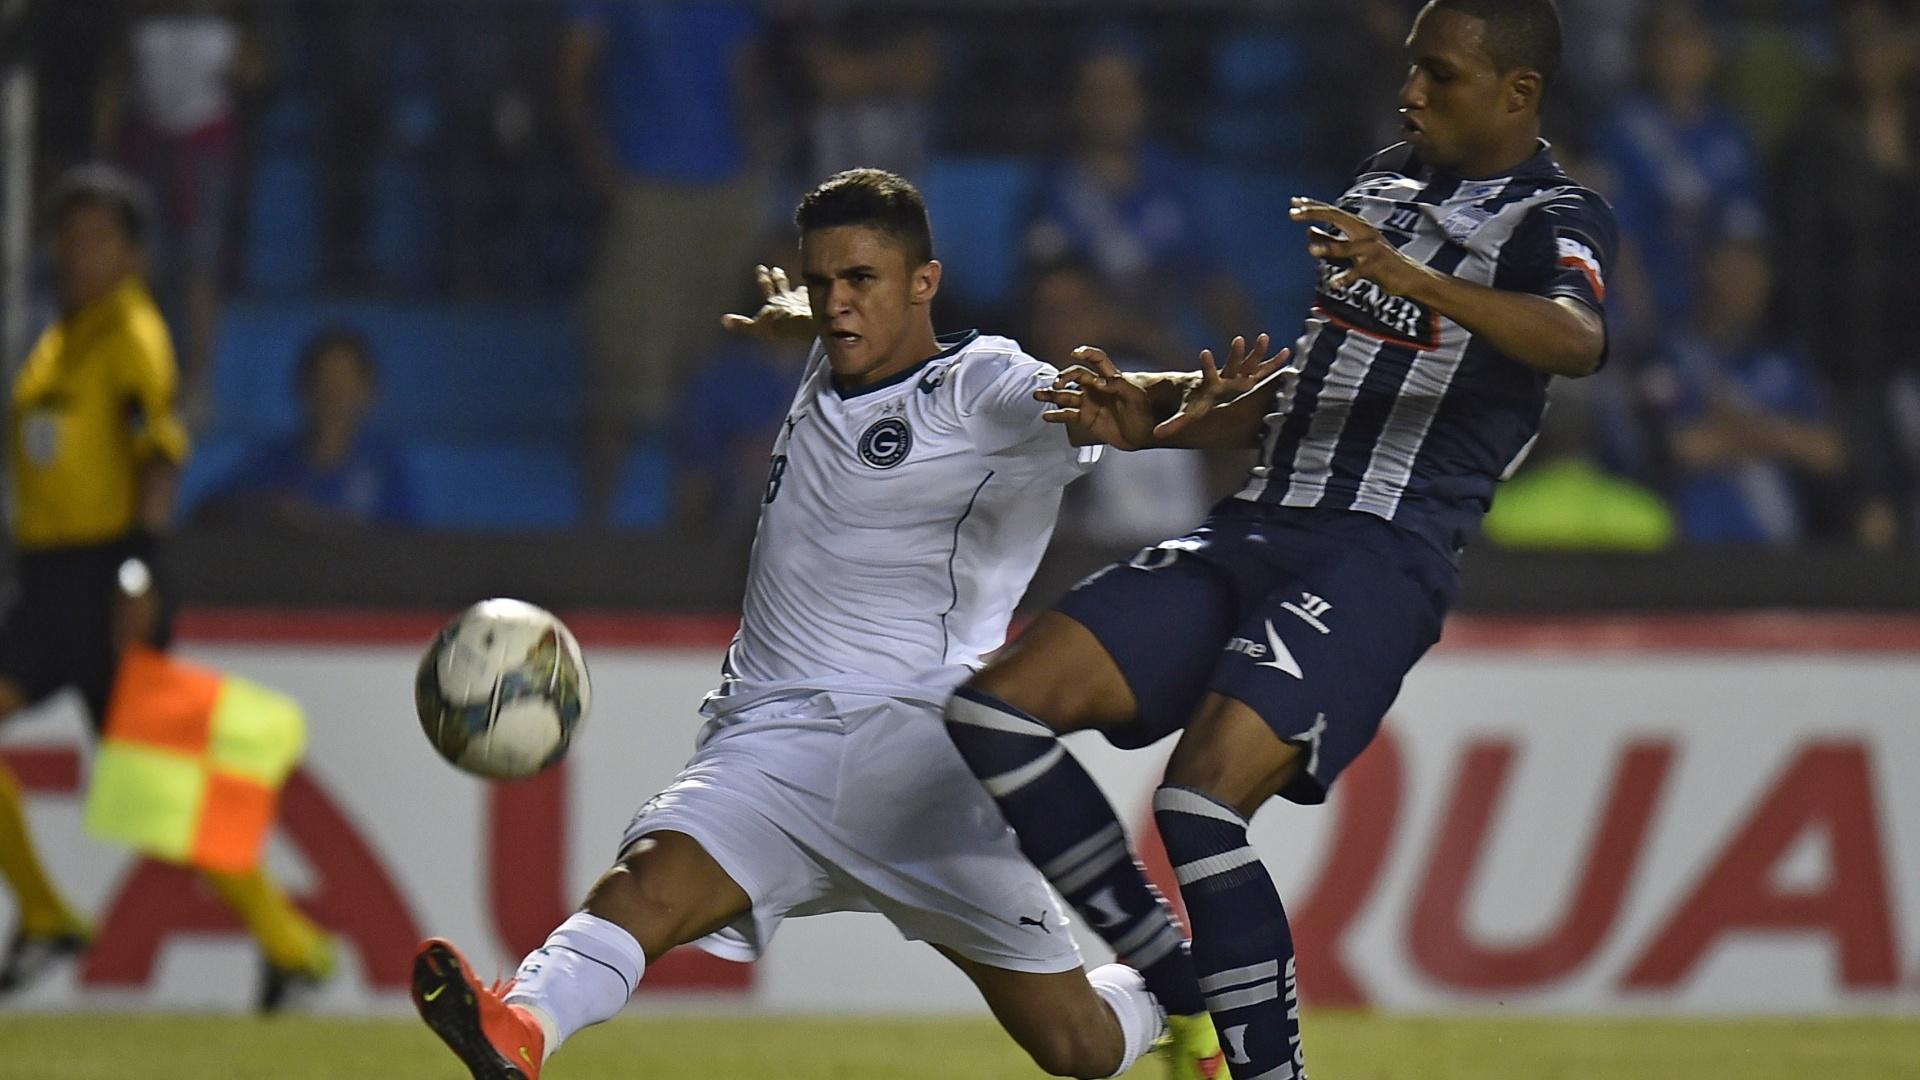 Erik Lima, do Goiás, briga pela bola com Jordan Andresm do Emelec, em partida pela Sul-Americana